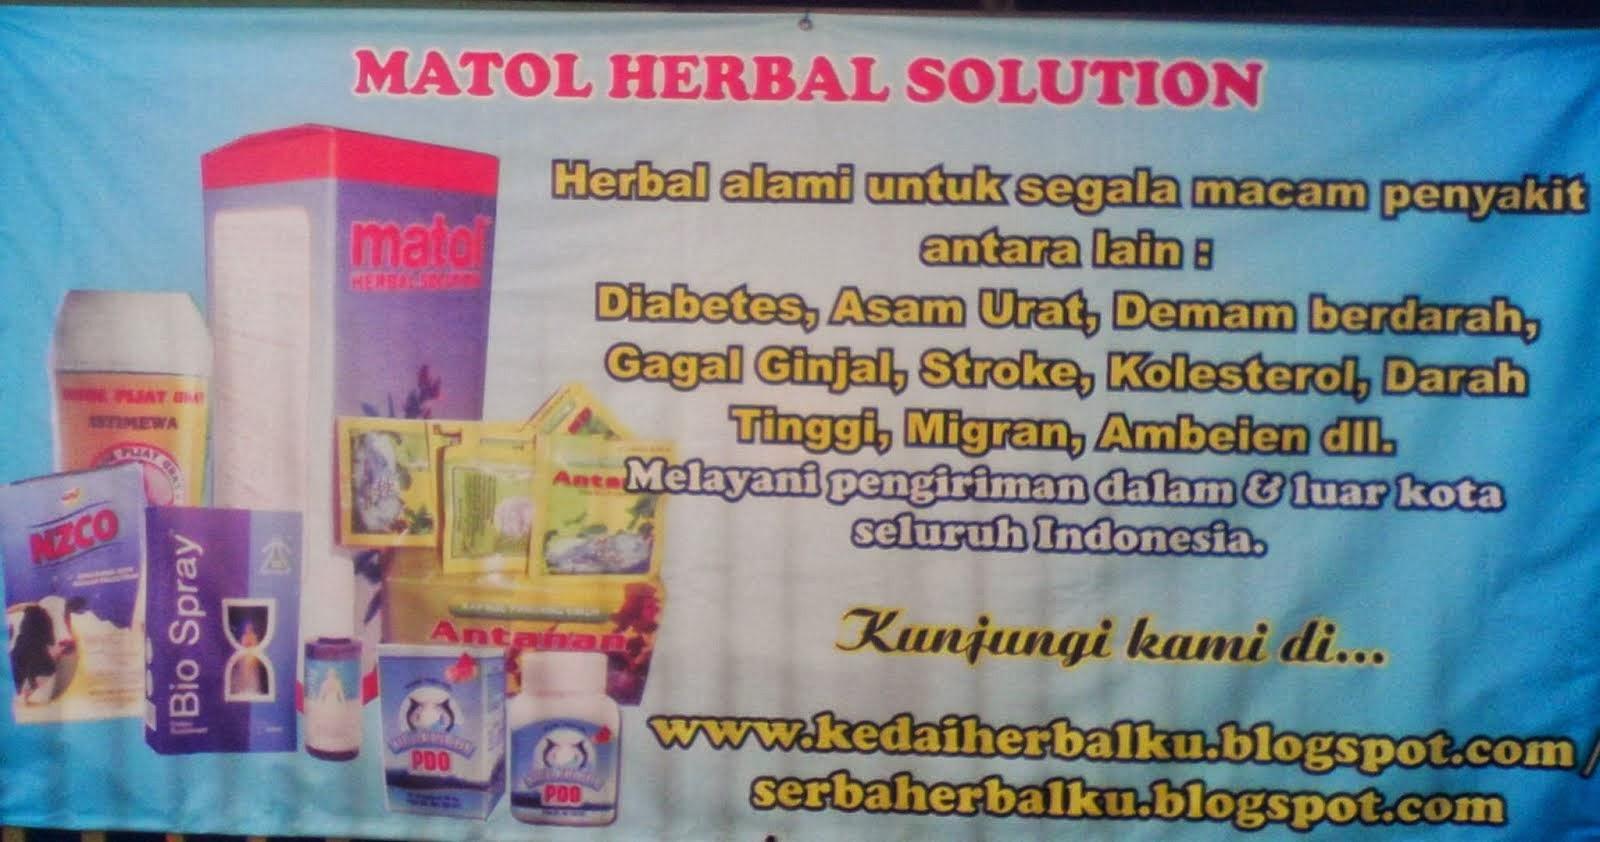 Kedai Herbal